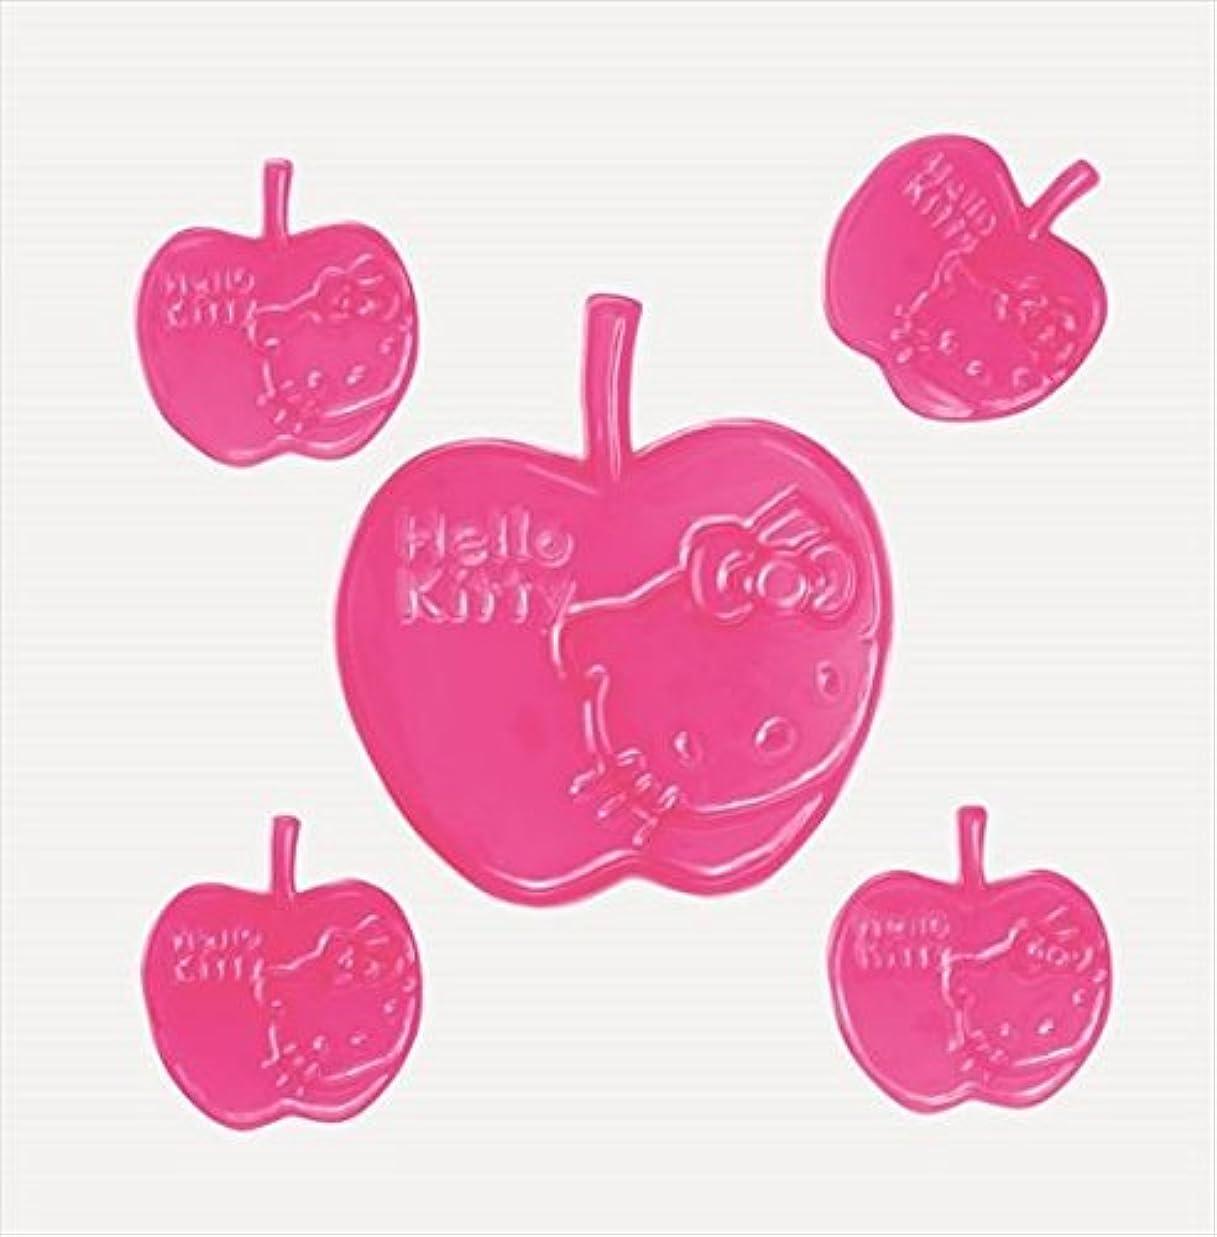 デクリメント実行可能可愛いGelGems(ジェルジェム) ジェルジェムハローキティバッグS 「 ピンクリンゴ 」 E1200002 キャンドル 200x255x5mm (E1200002)